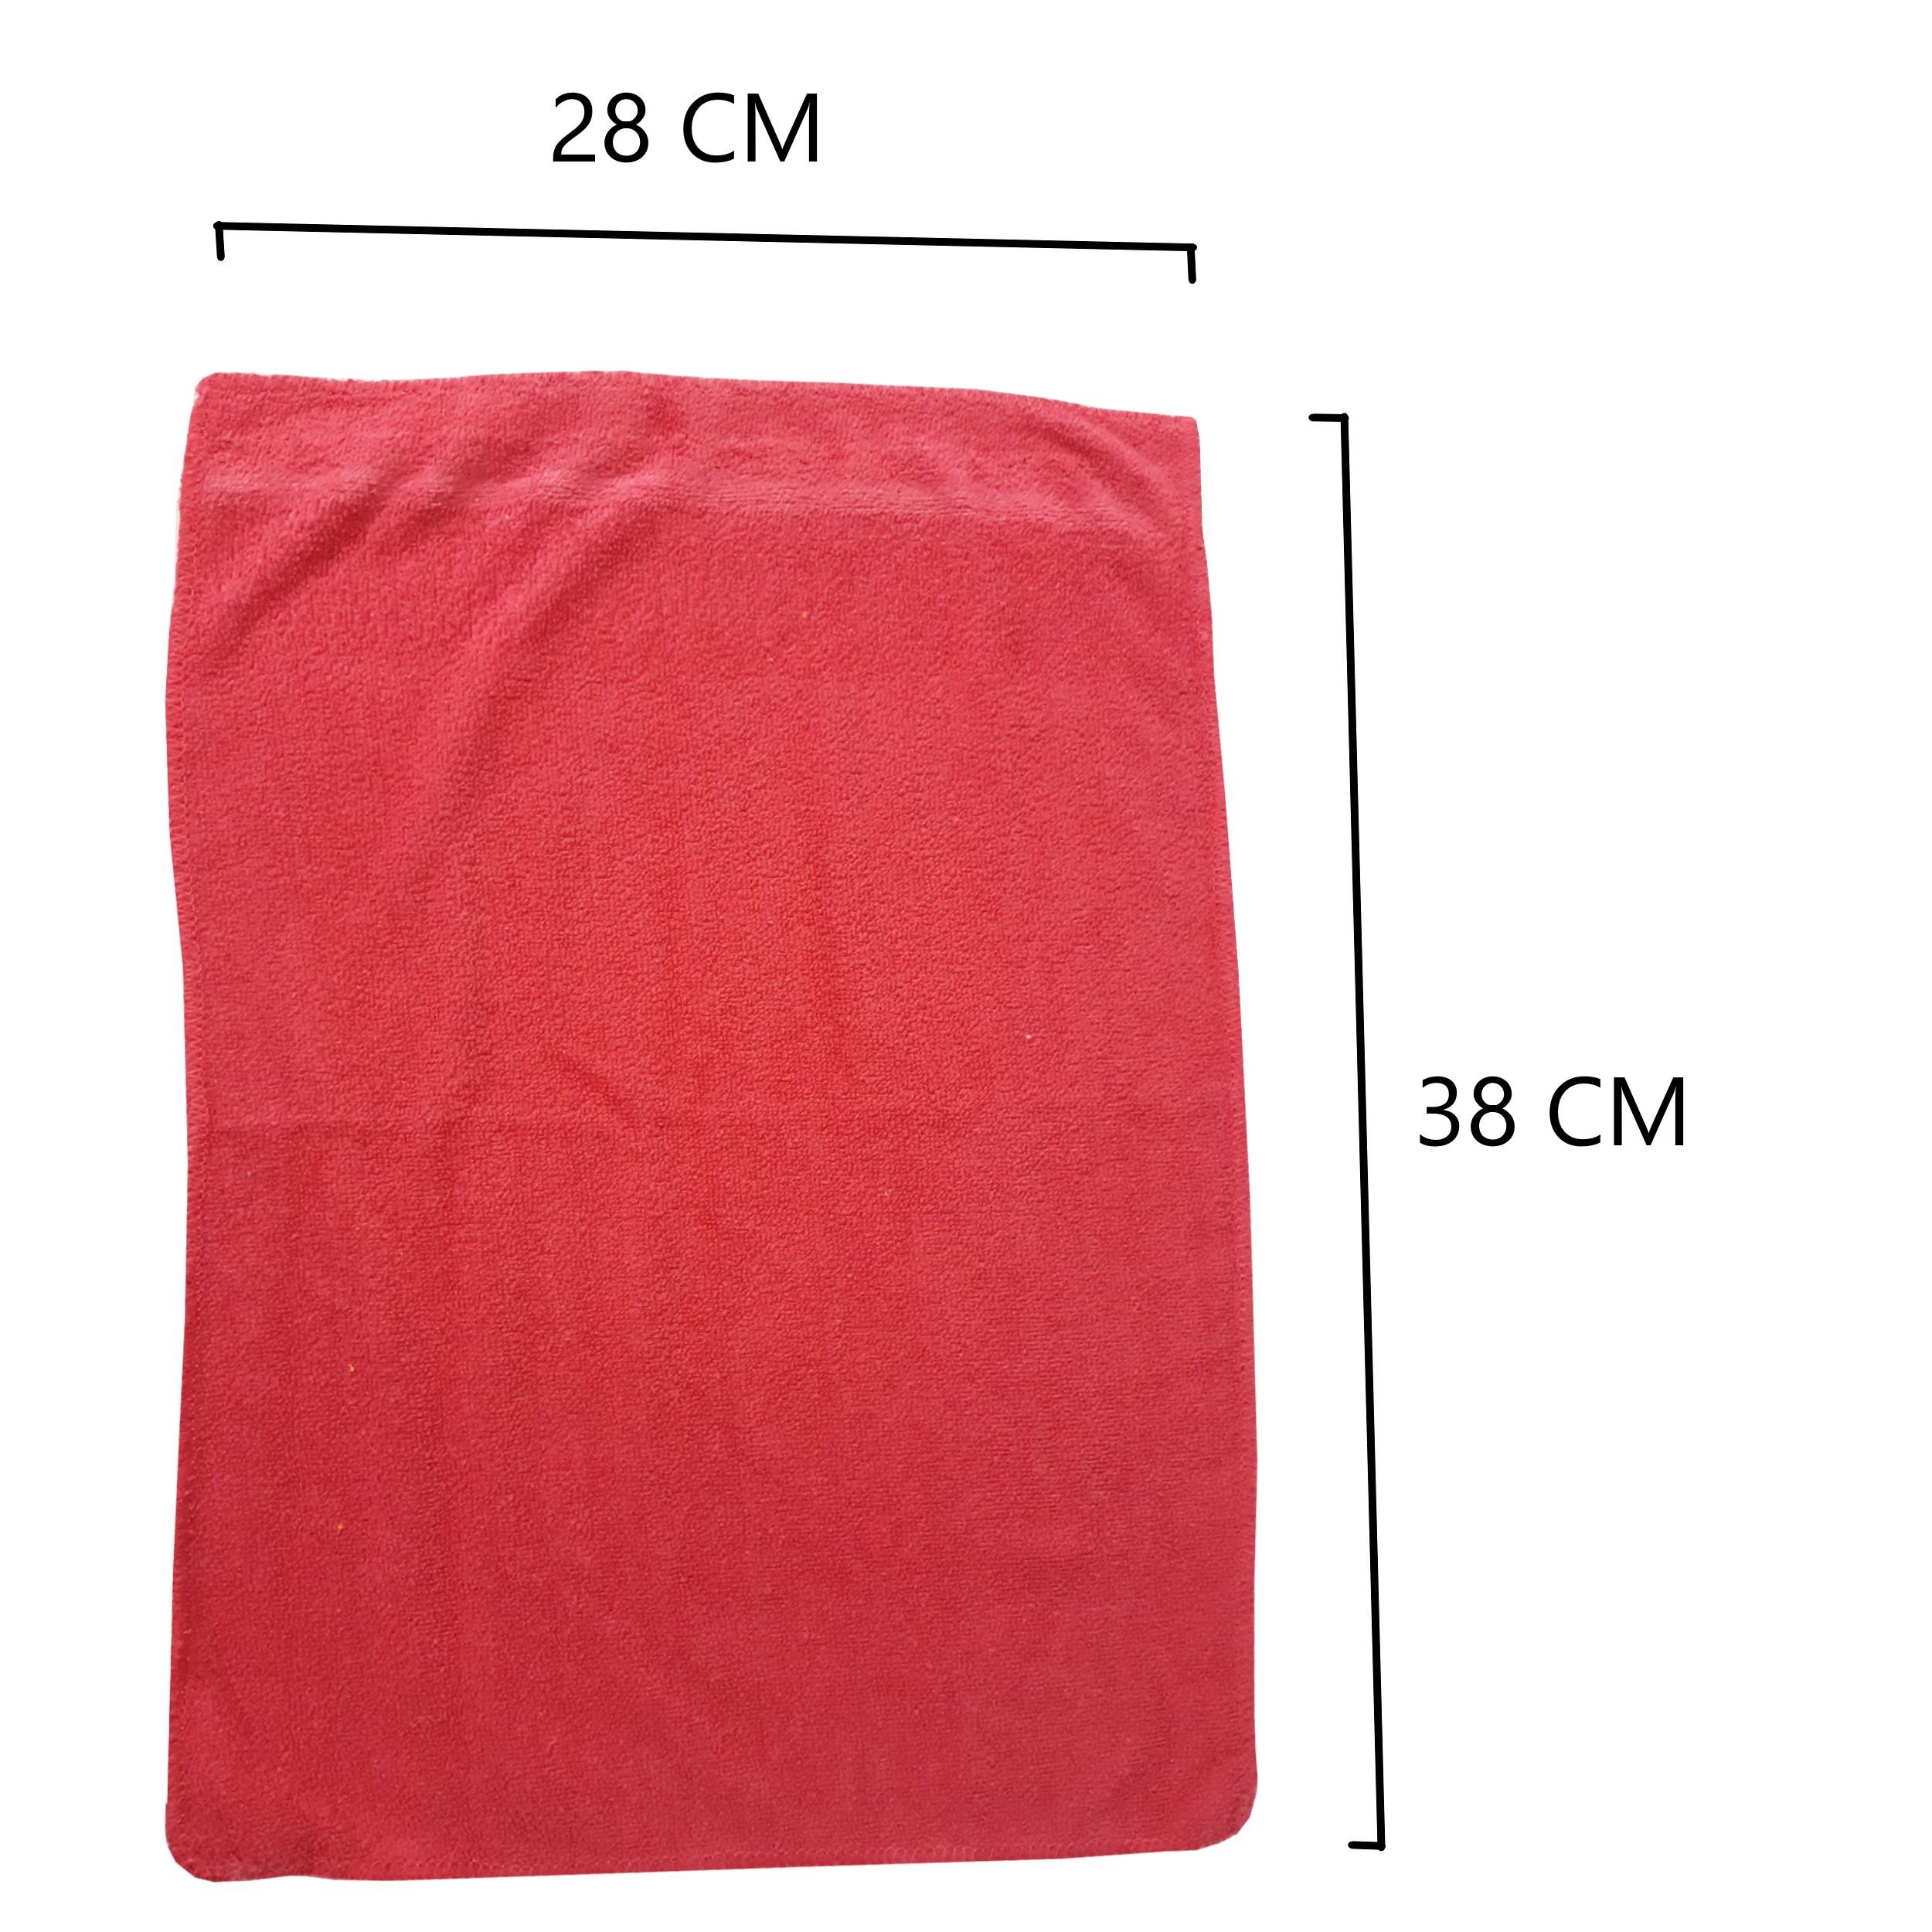 دستمال جادویی مدل T250  بسته 4 عددی